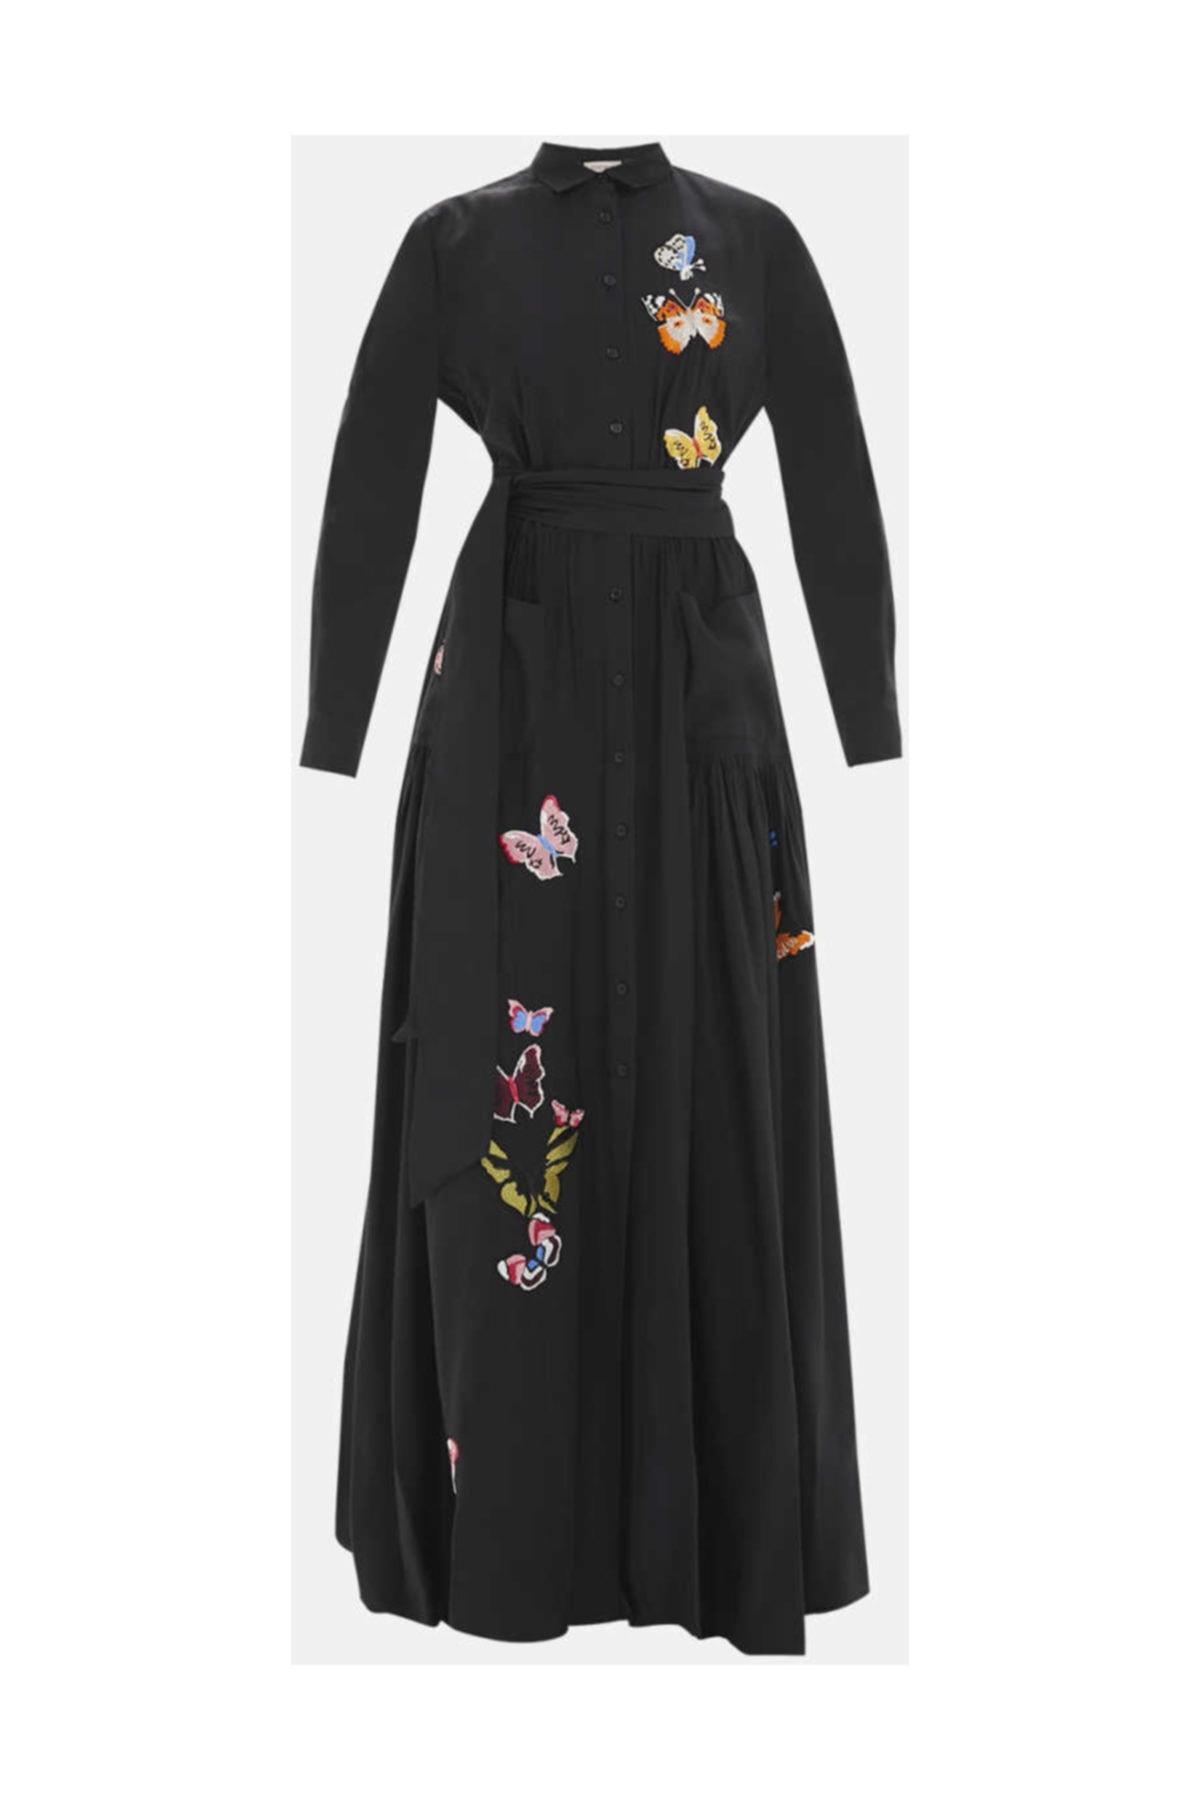 SOCIETA Kadın Nakış Ve Büzgülü Gömlek Elbise Siyah 92562 M18191092562101 1